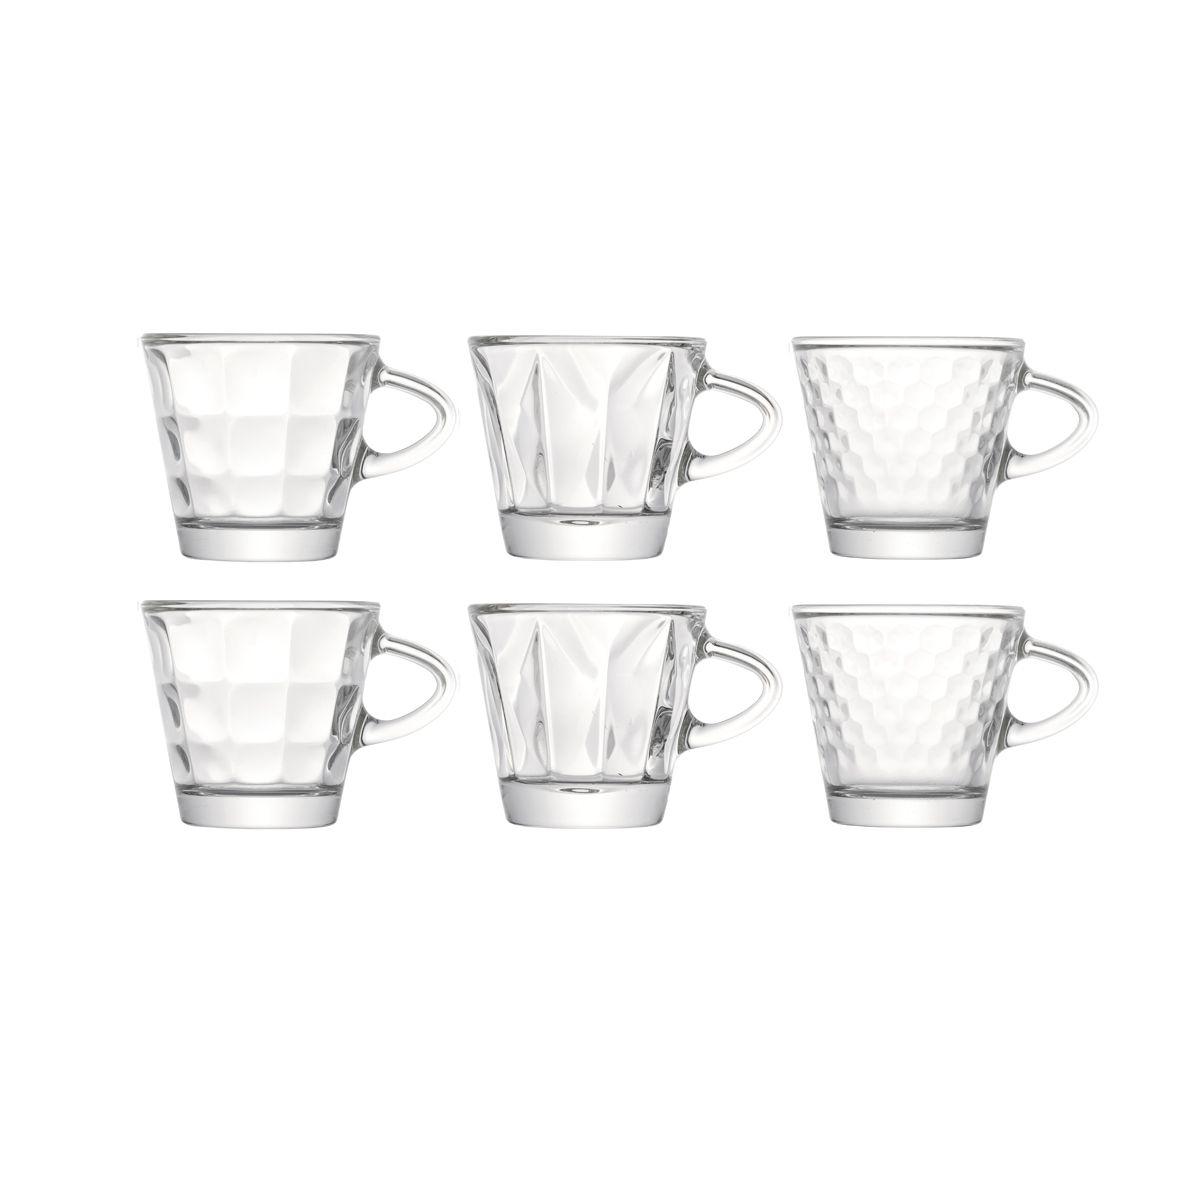 Tasses à expresso en verre 7,5cl - Boîte de 6 - TRIWA